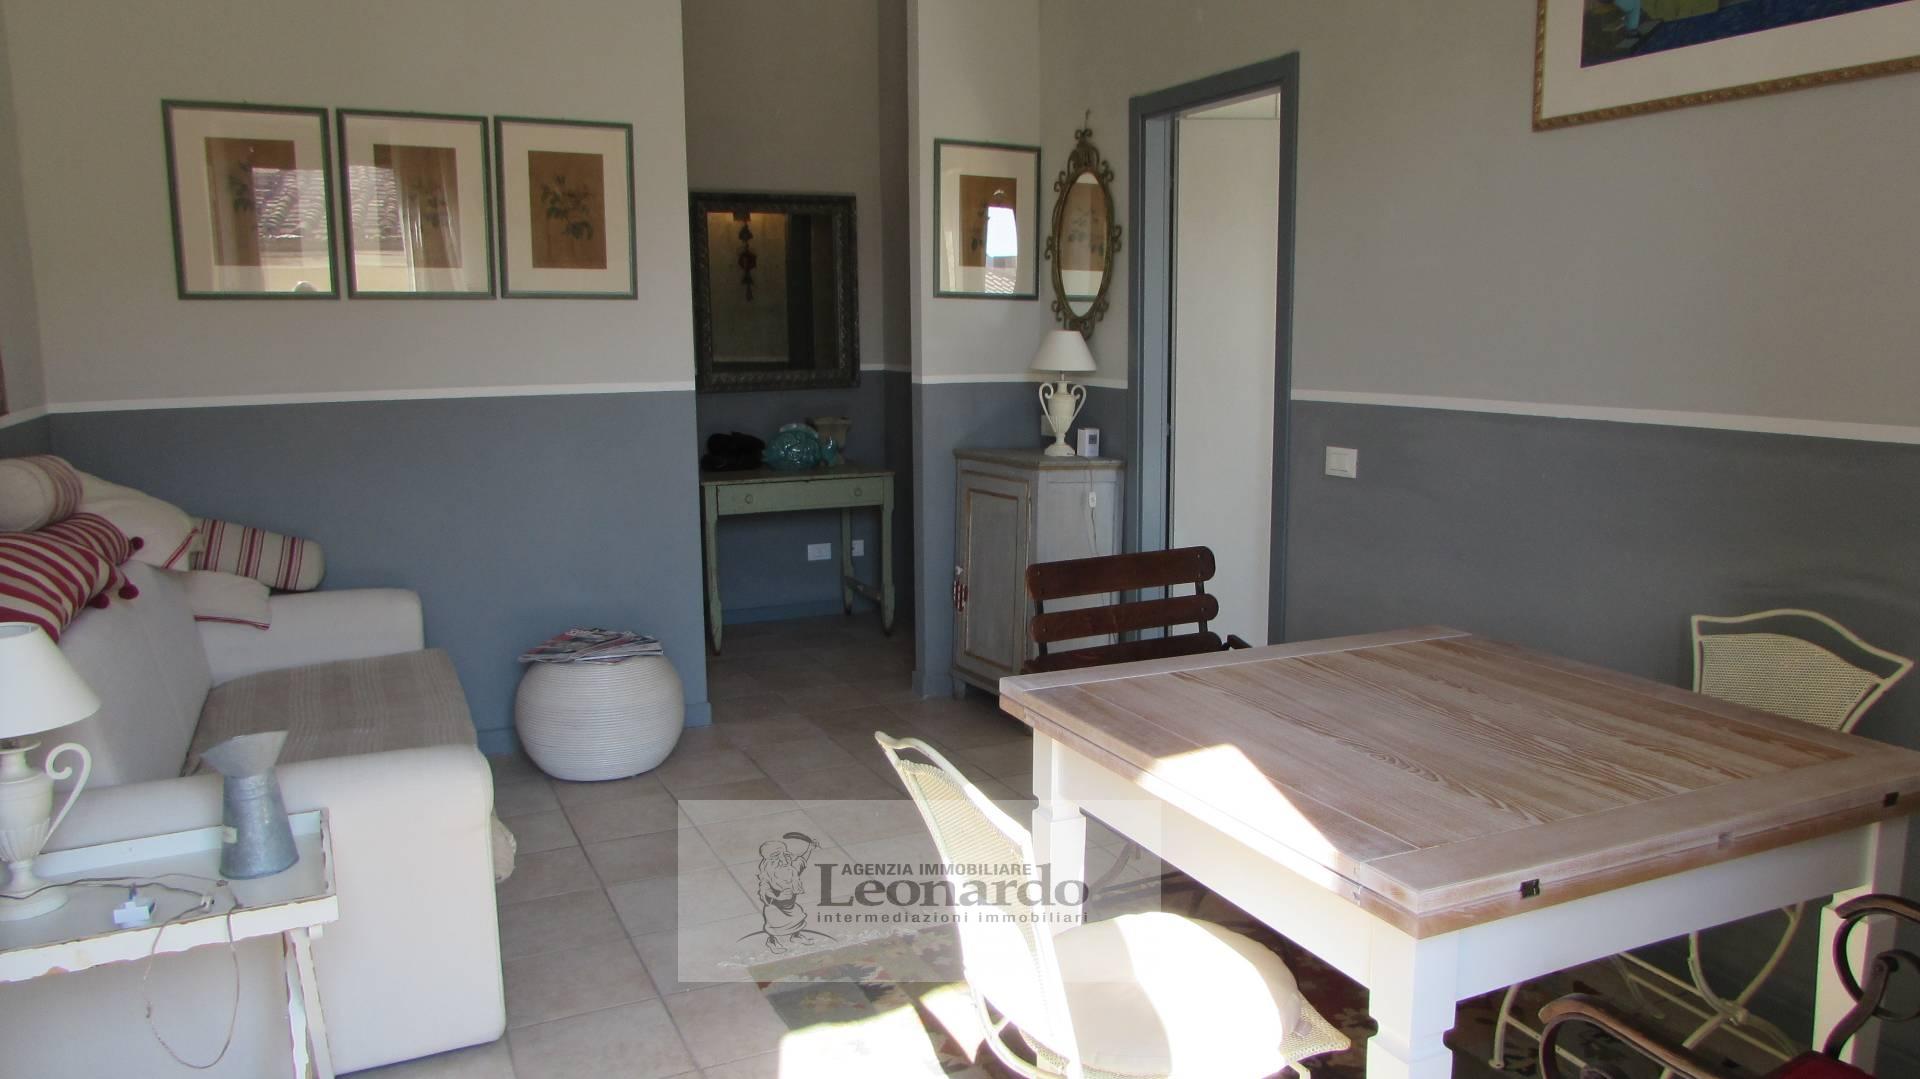 Appartamento in vendita a Camaiore, 3 locali, prezzo € 150.000 | Cambio Casa.it